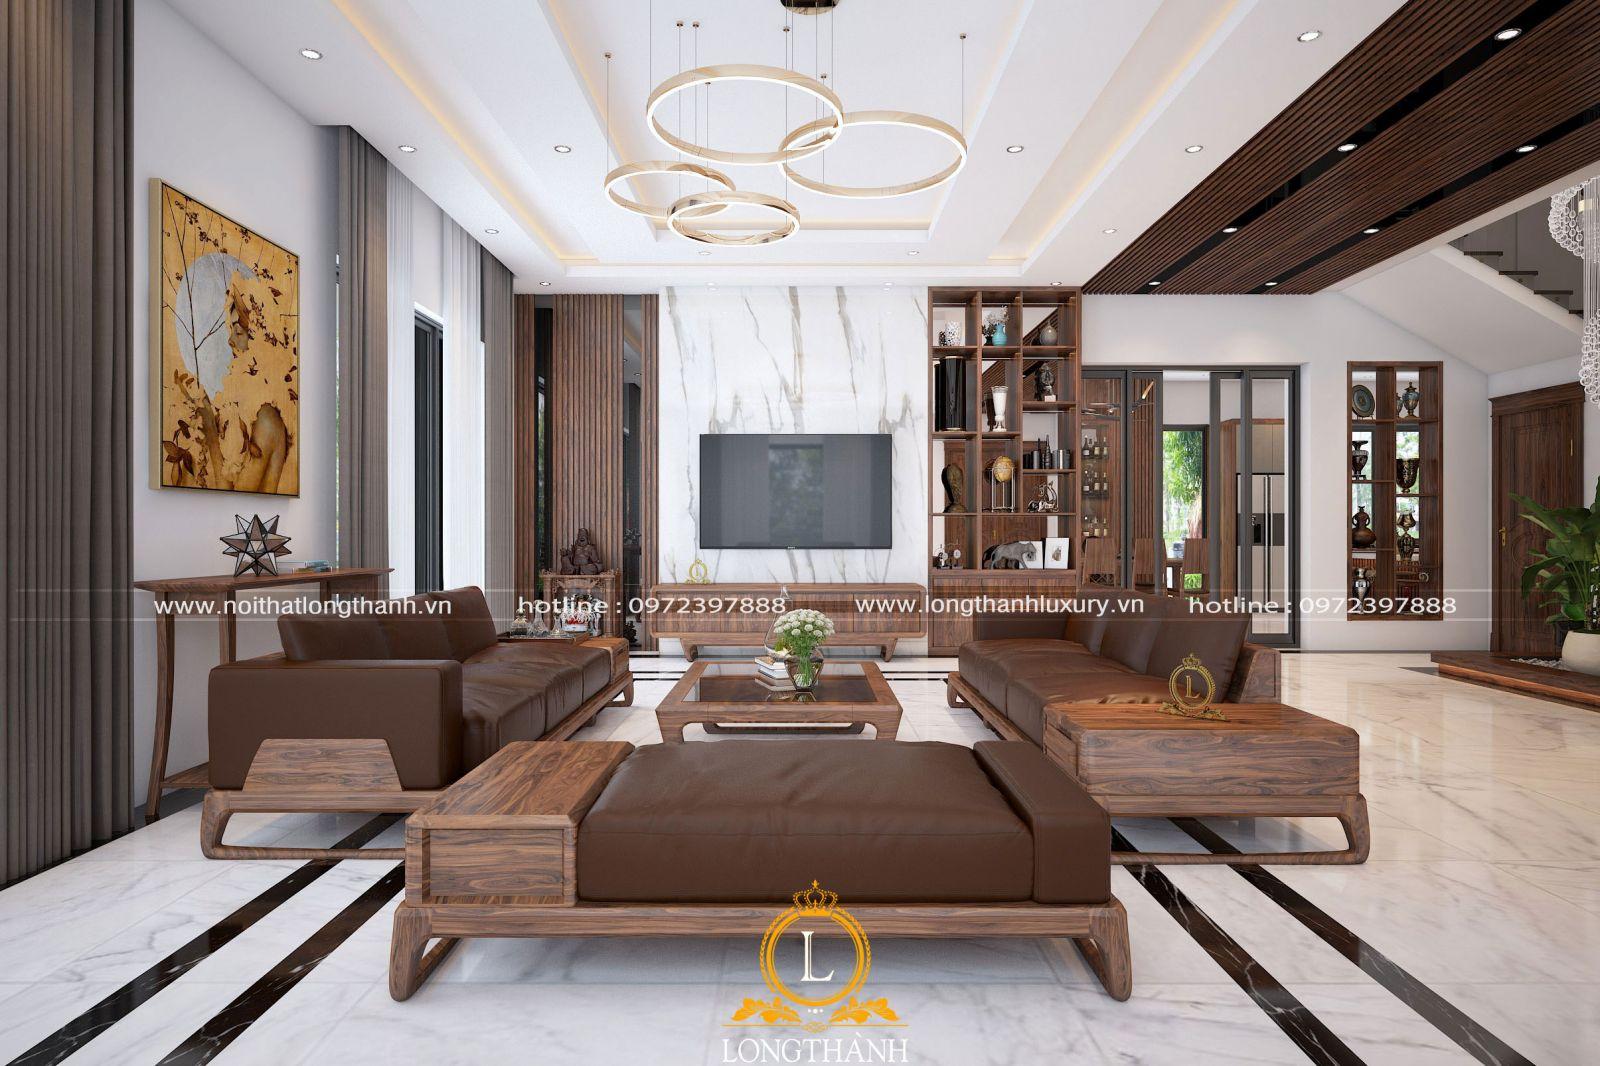 Nội thất sofa phòng khách hiện đại sang trọng cho biệt thự cao cấp